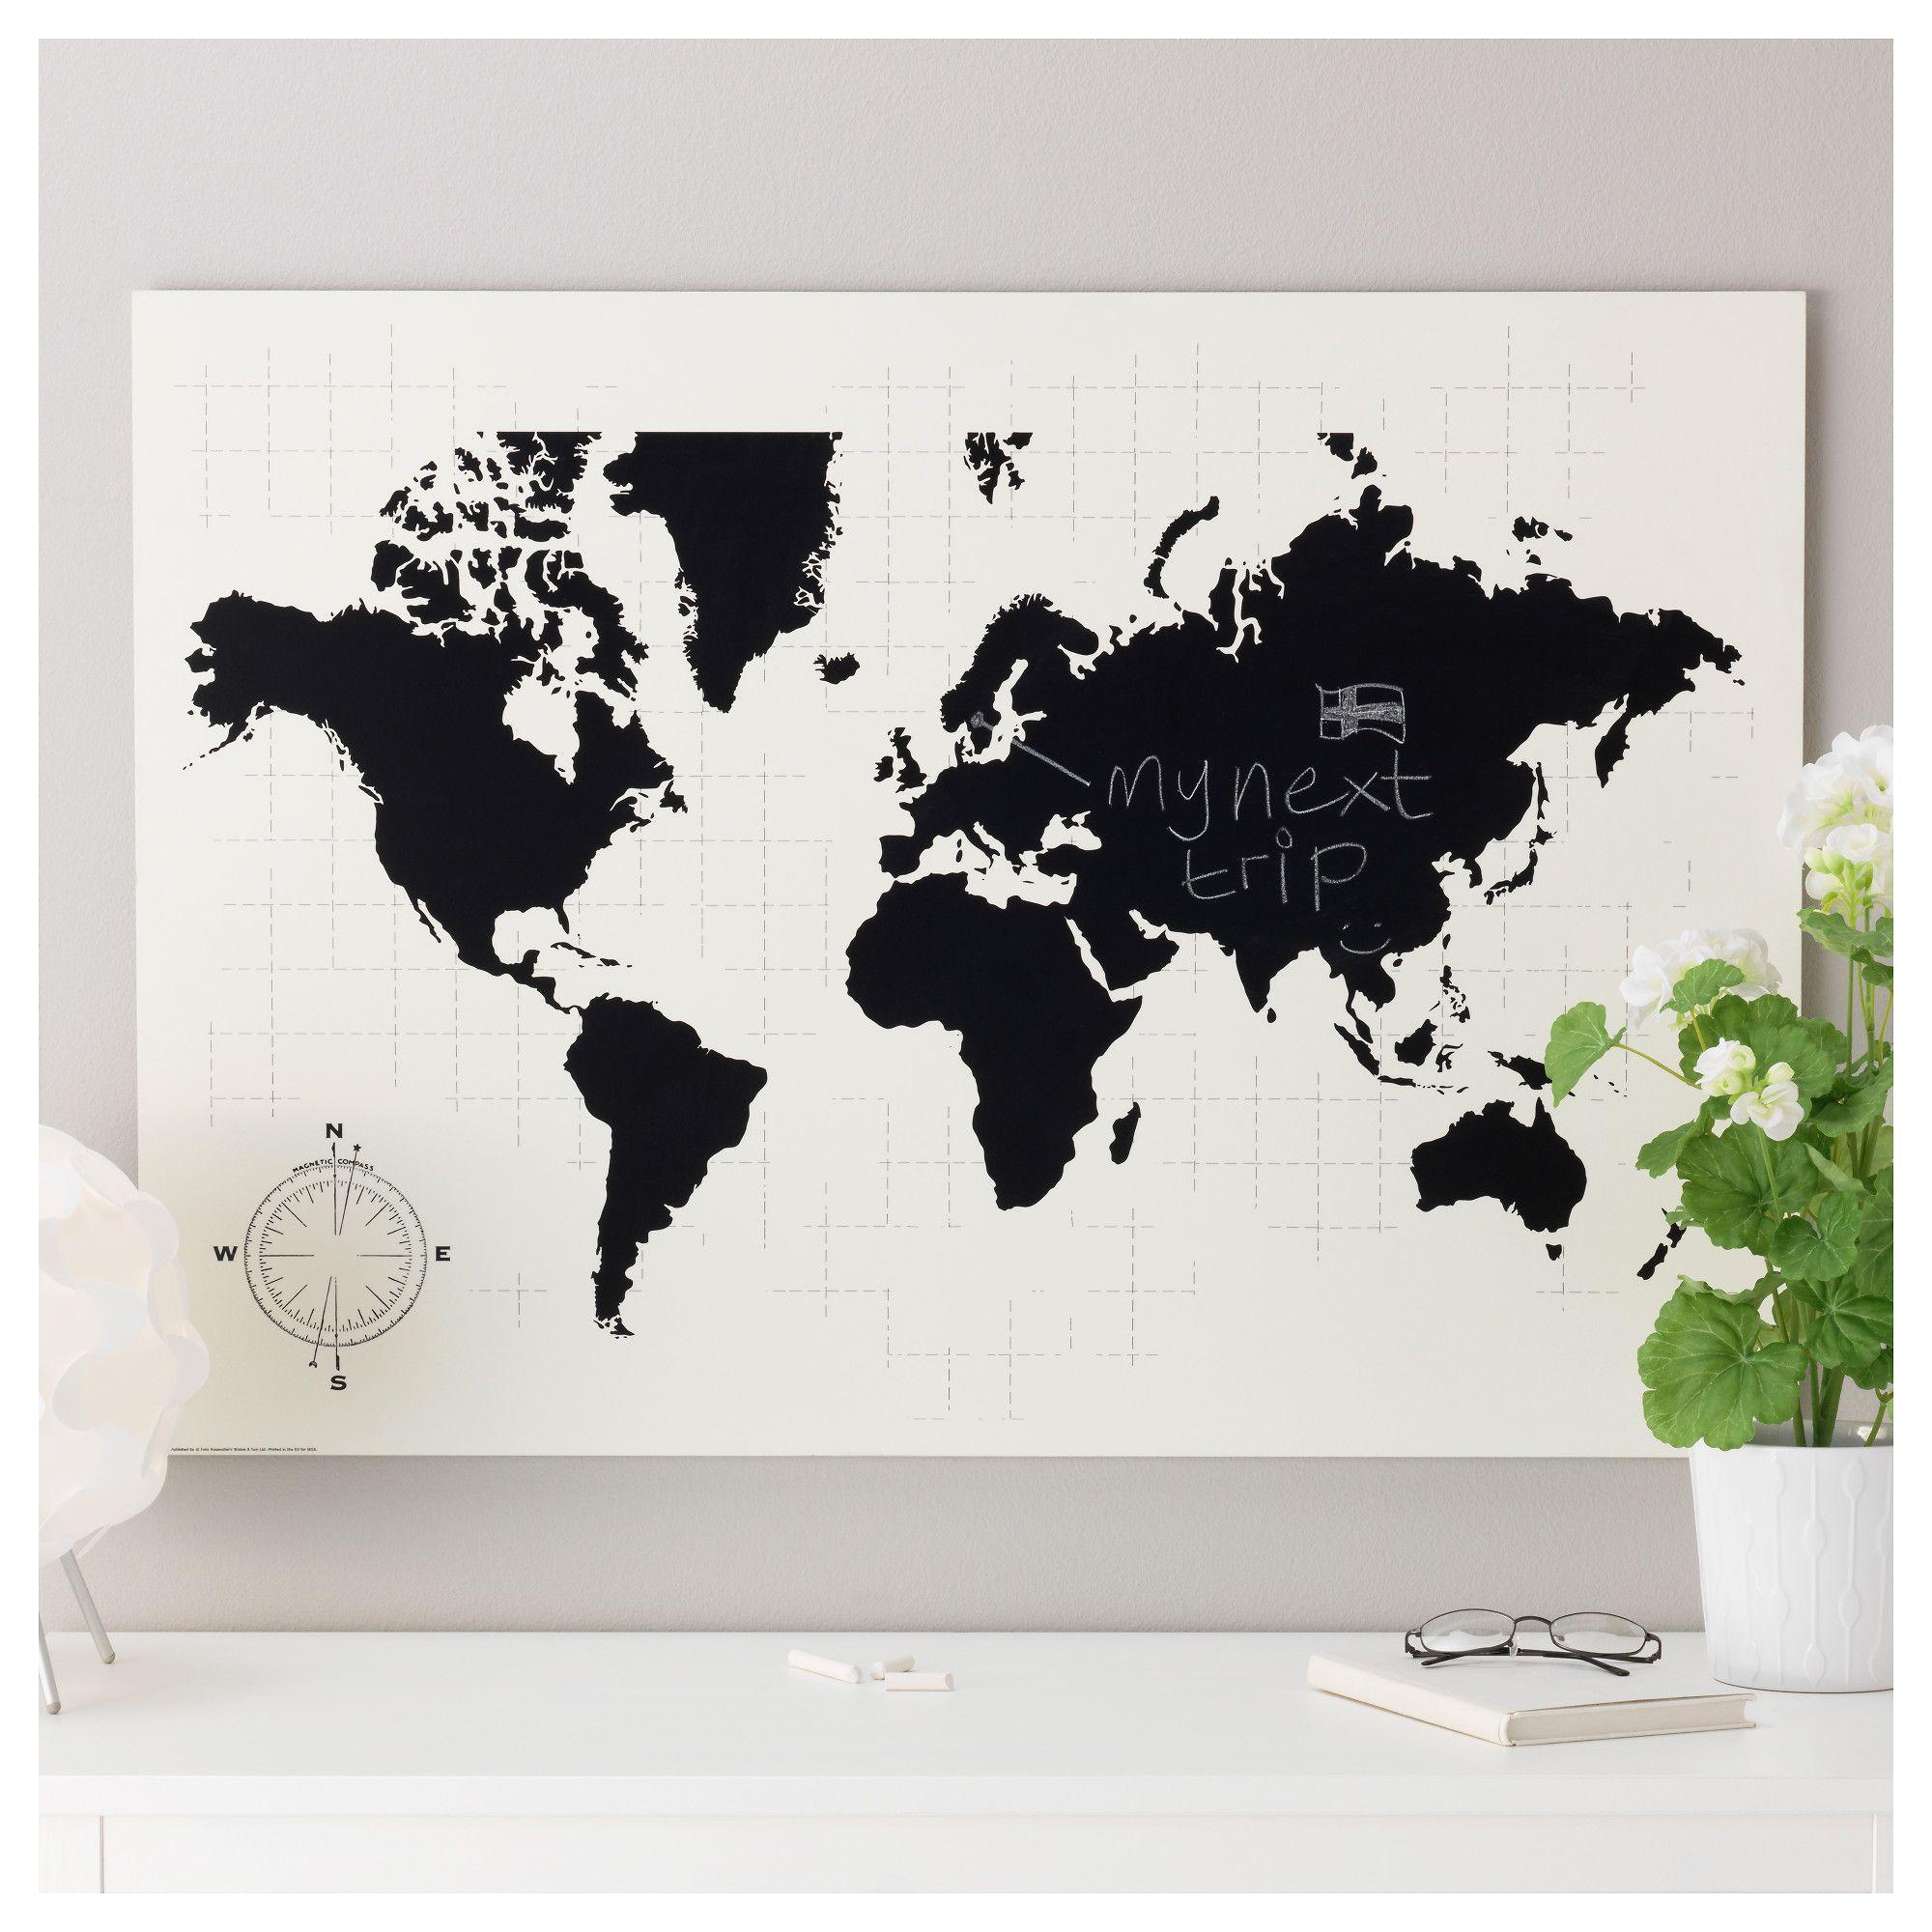 ikea mlltorp planbord motief van archie stonede wereldkaart is een decoratief